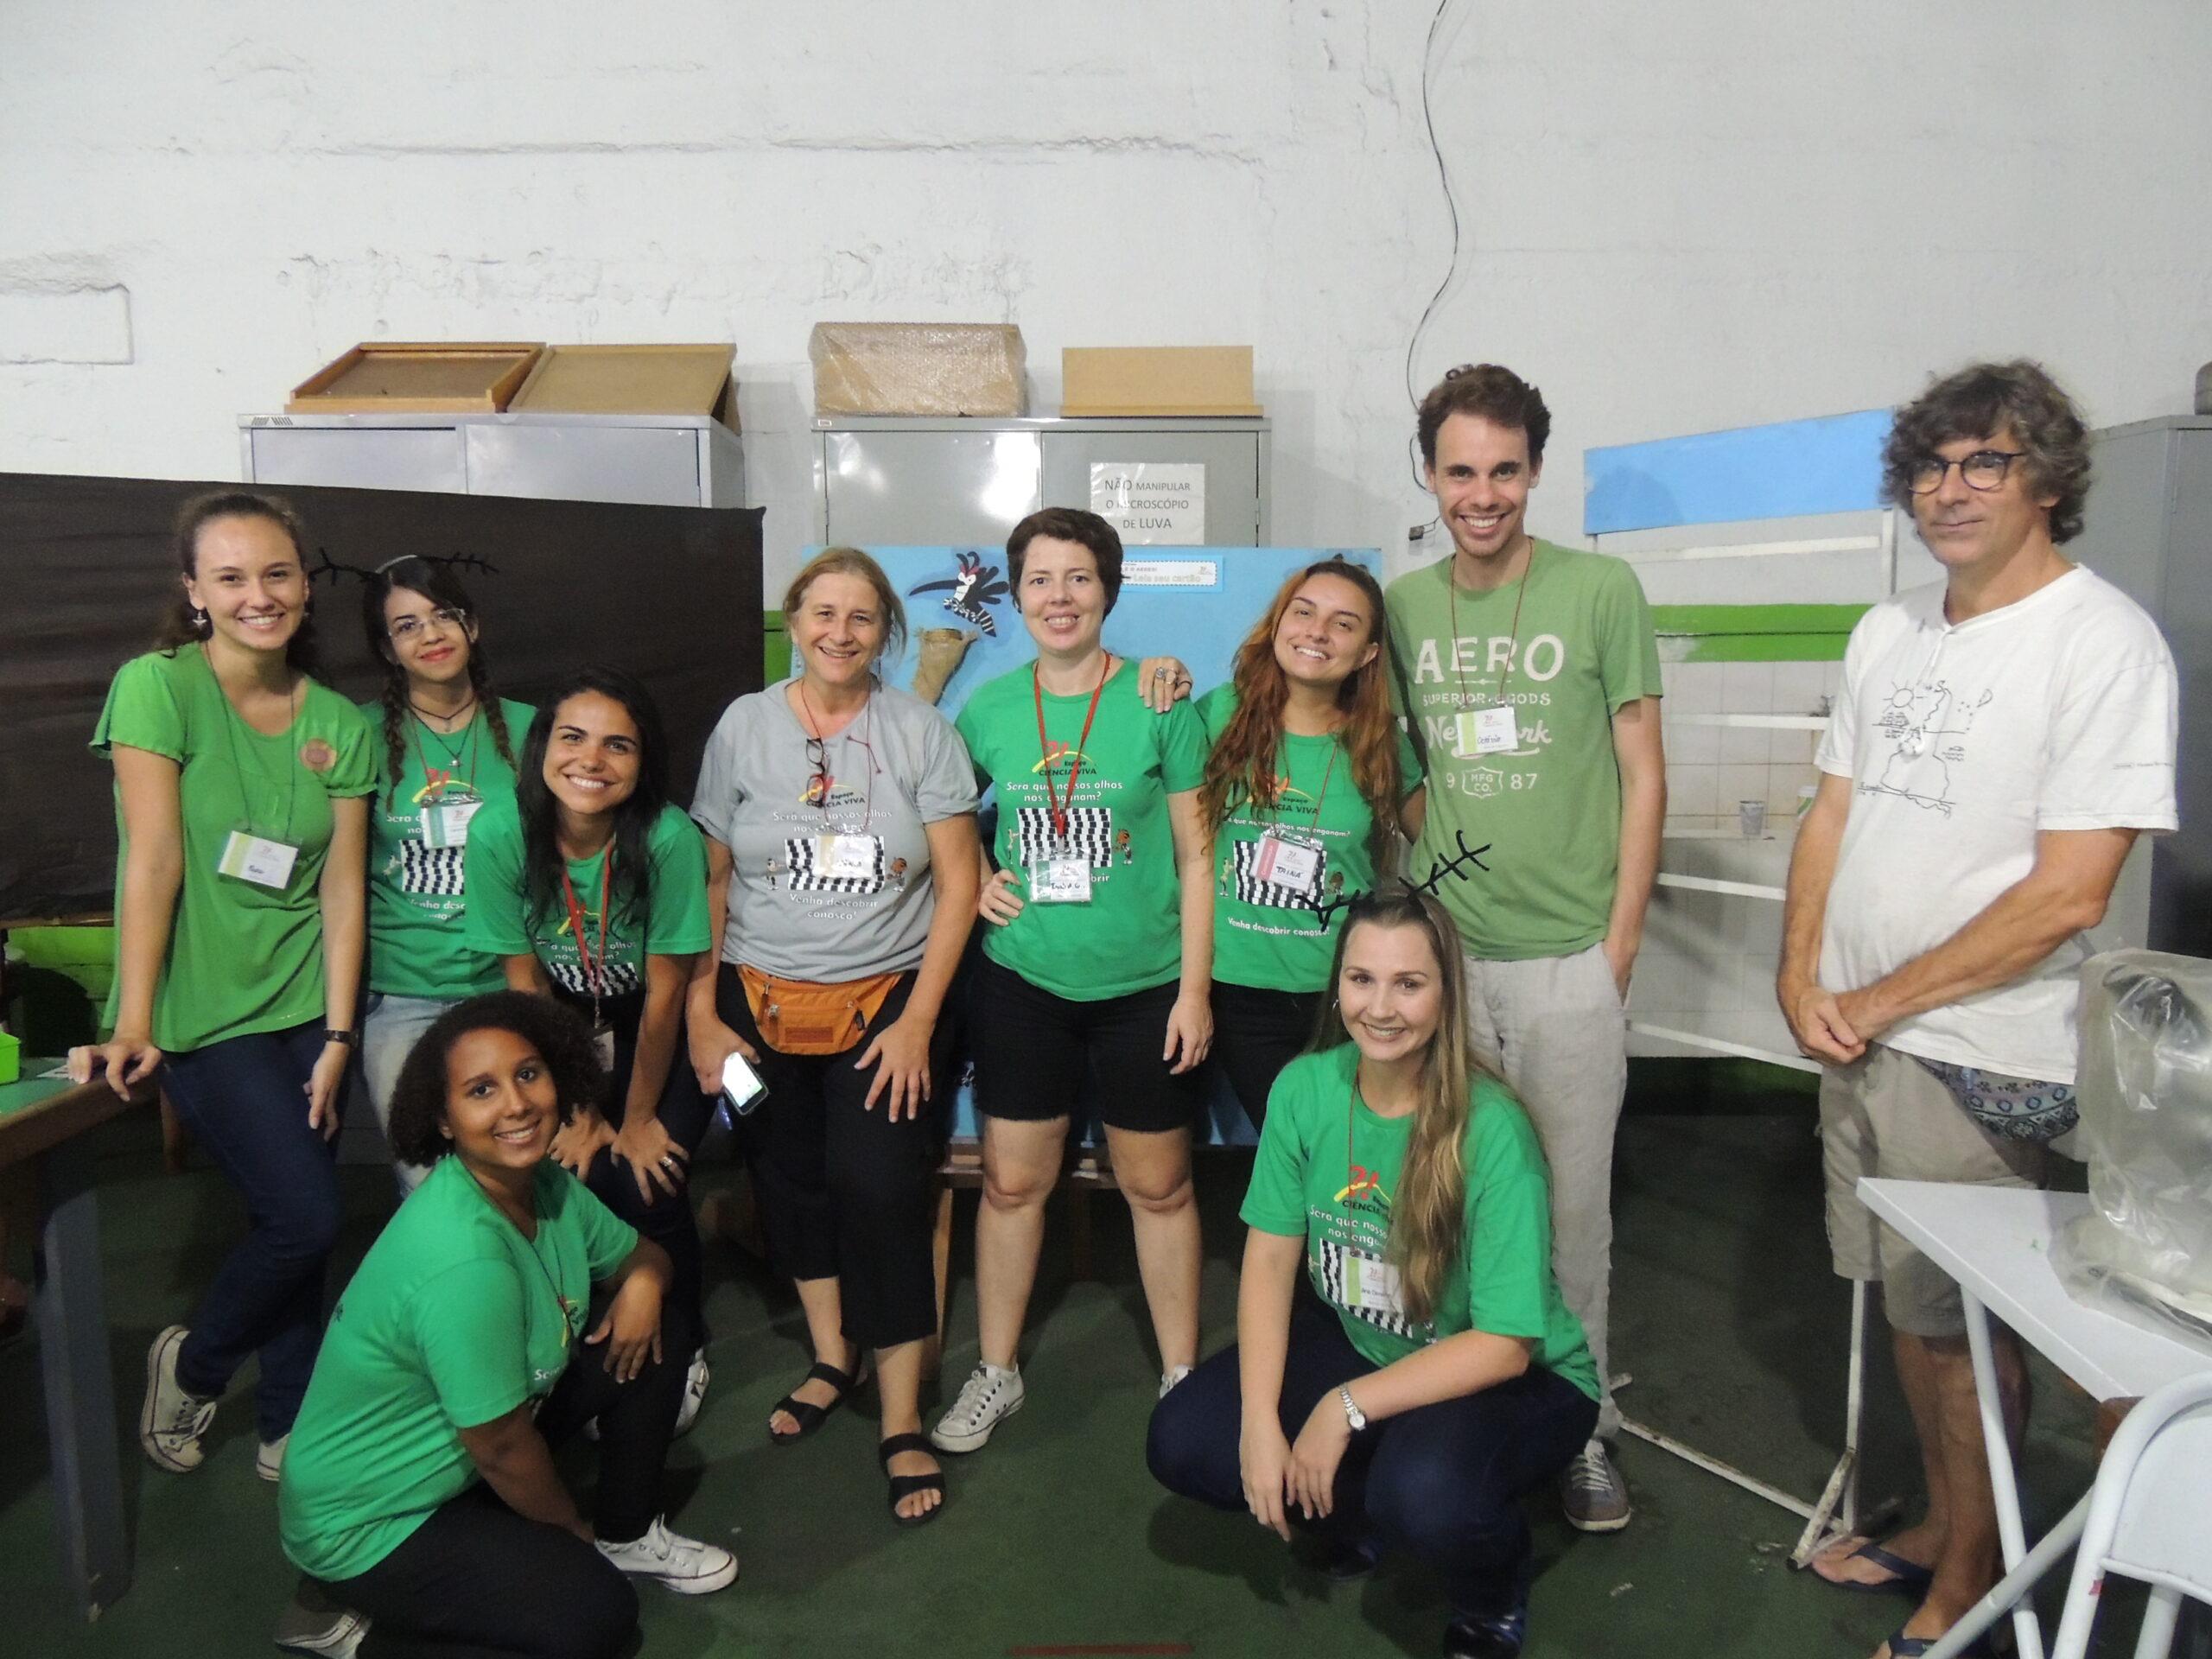 Isabel Gomes, Gabriela Allil, Ana Carolina, Clarinha, Lilian, Otávio, voluntários e Profa Tânia e Pedro (2016)